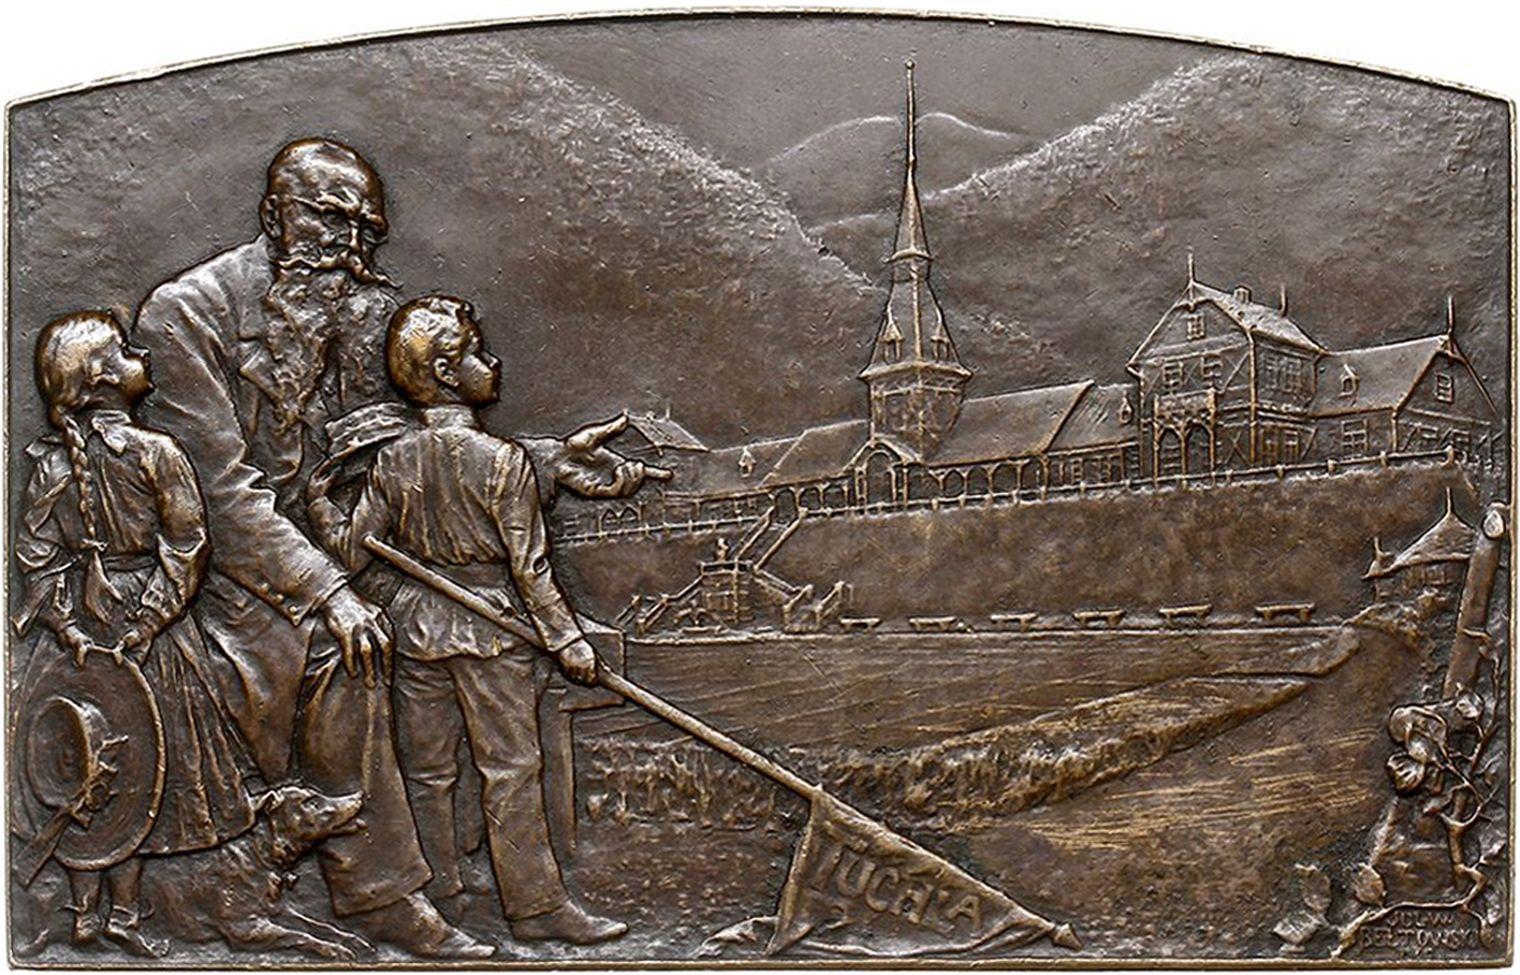 Юліуш Войцех Белтовський. Тухля табір дітей залізничників, 1905, бронза, NMW